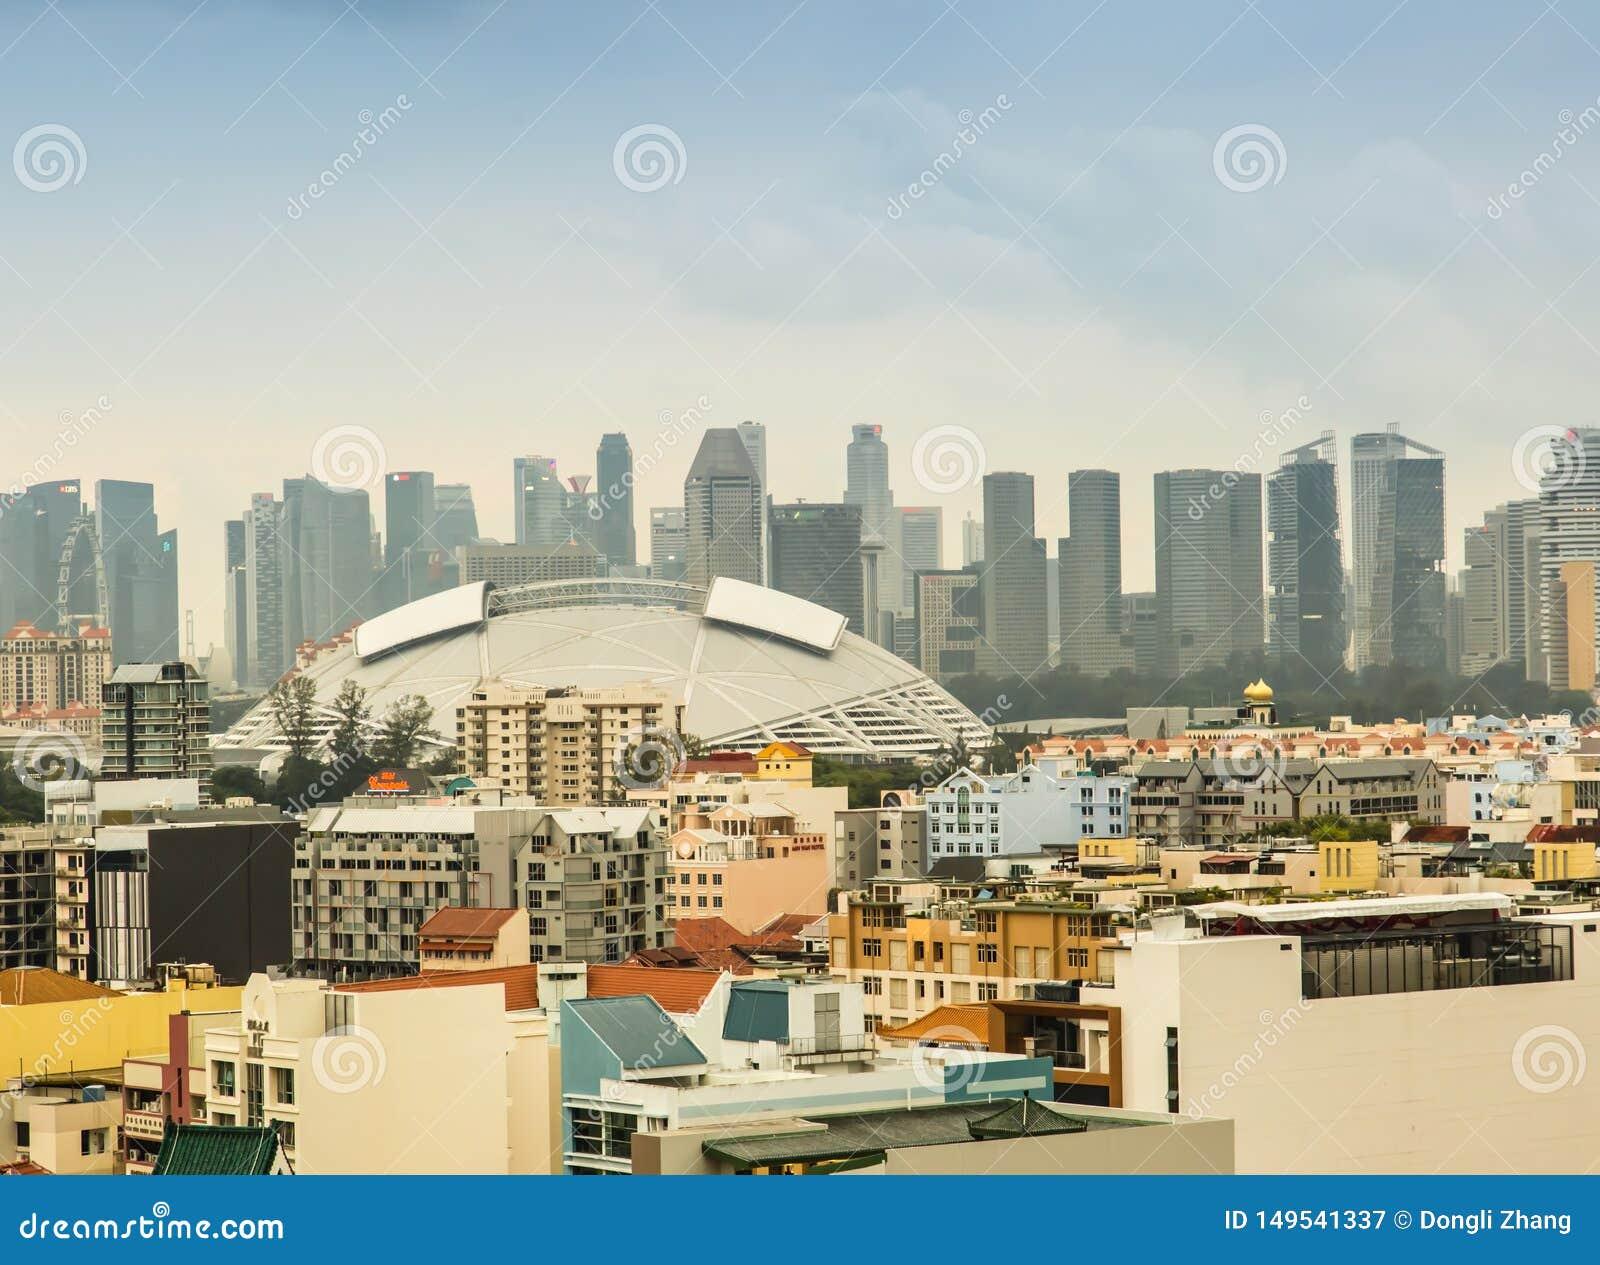 SINGAPORE-JUN 19 2017:Singapore central area beautiful skyline